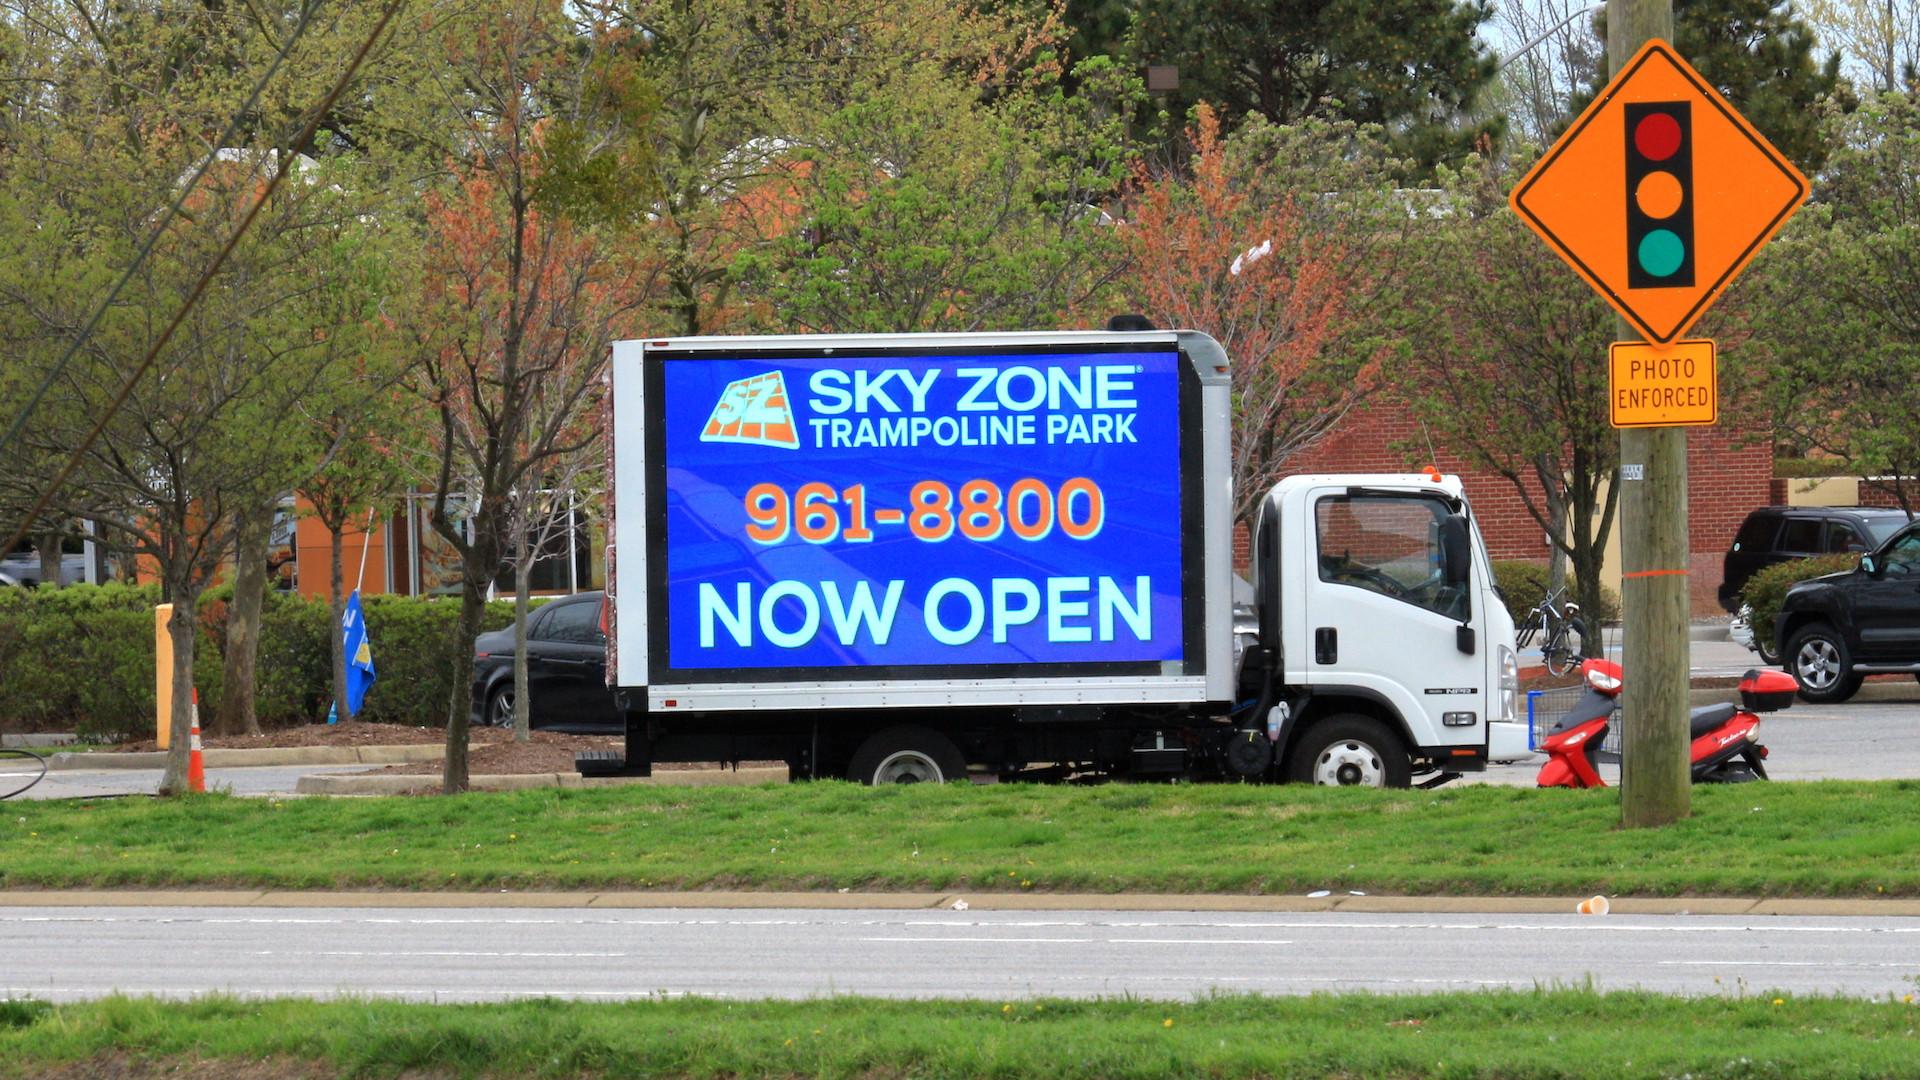 SKYZONE - PIC - 003 - MATV BILLBOARDS -